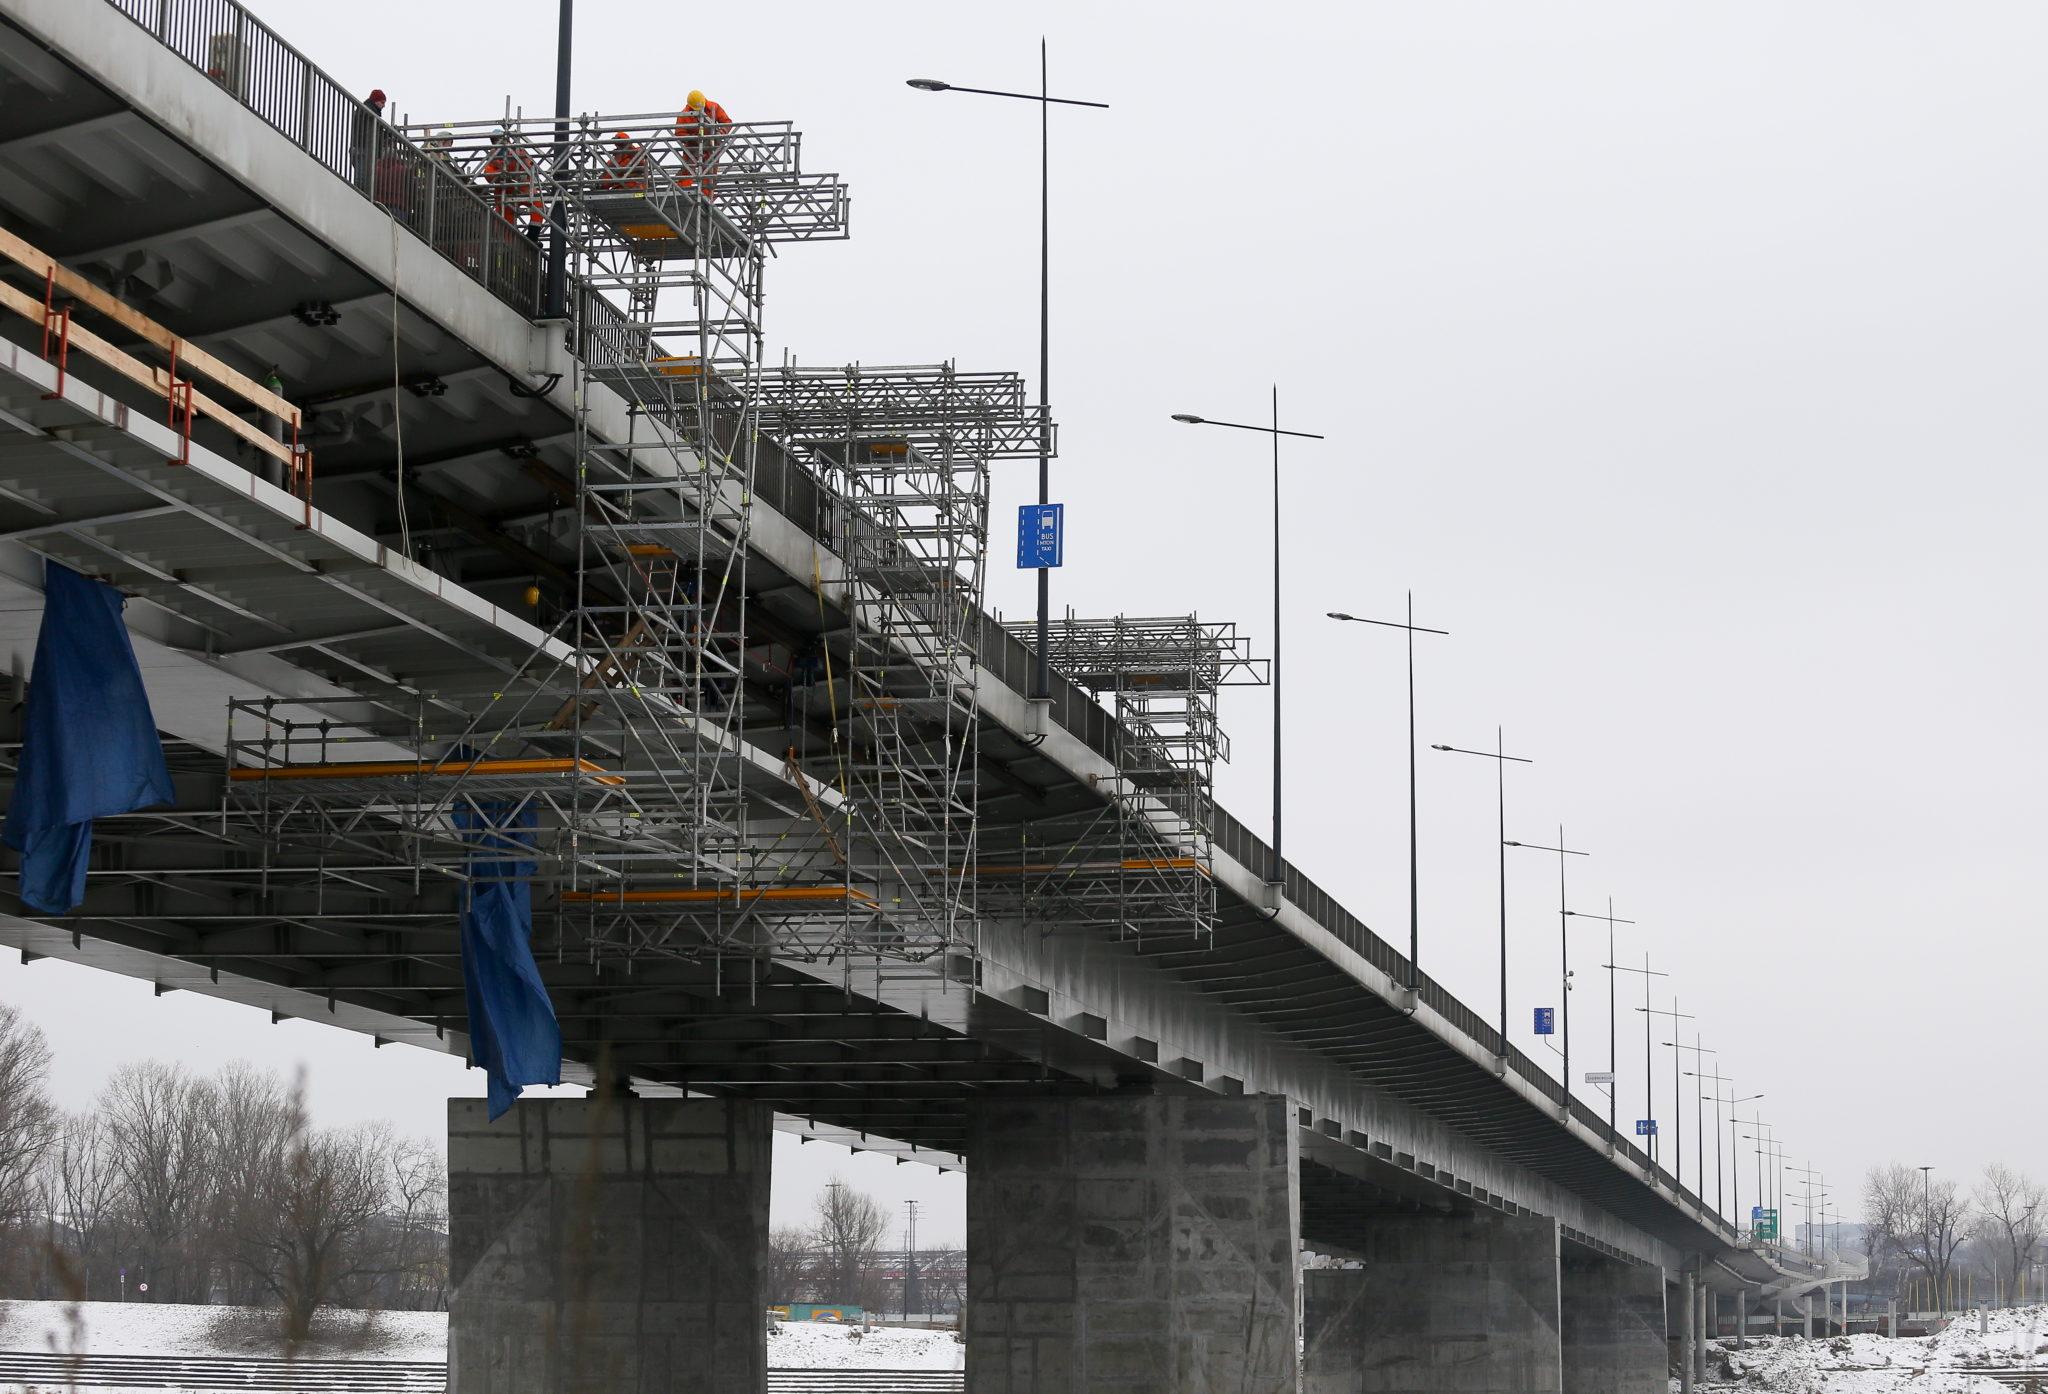 Polska: budowa kładki rowerowej na Moście Łazienkowskim w Warszawie (foto. PAP/Paweł Supernak)